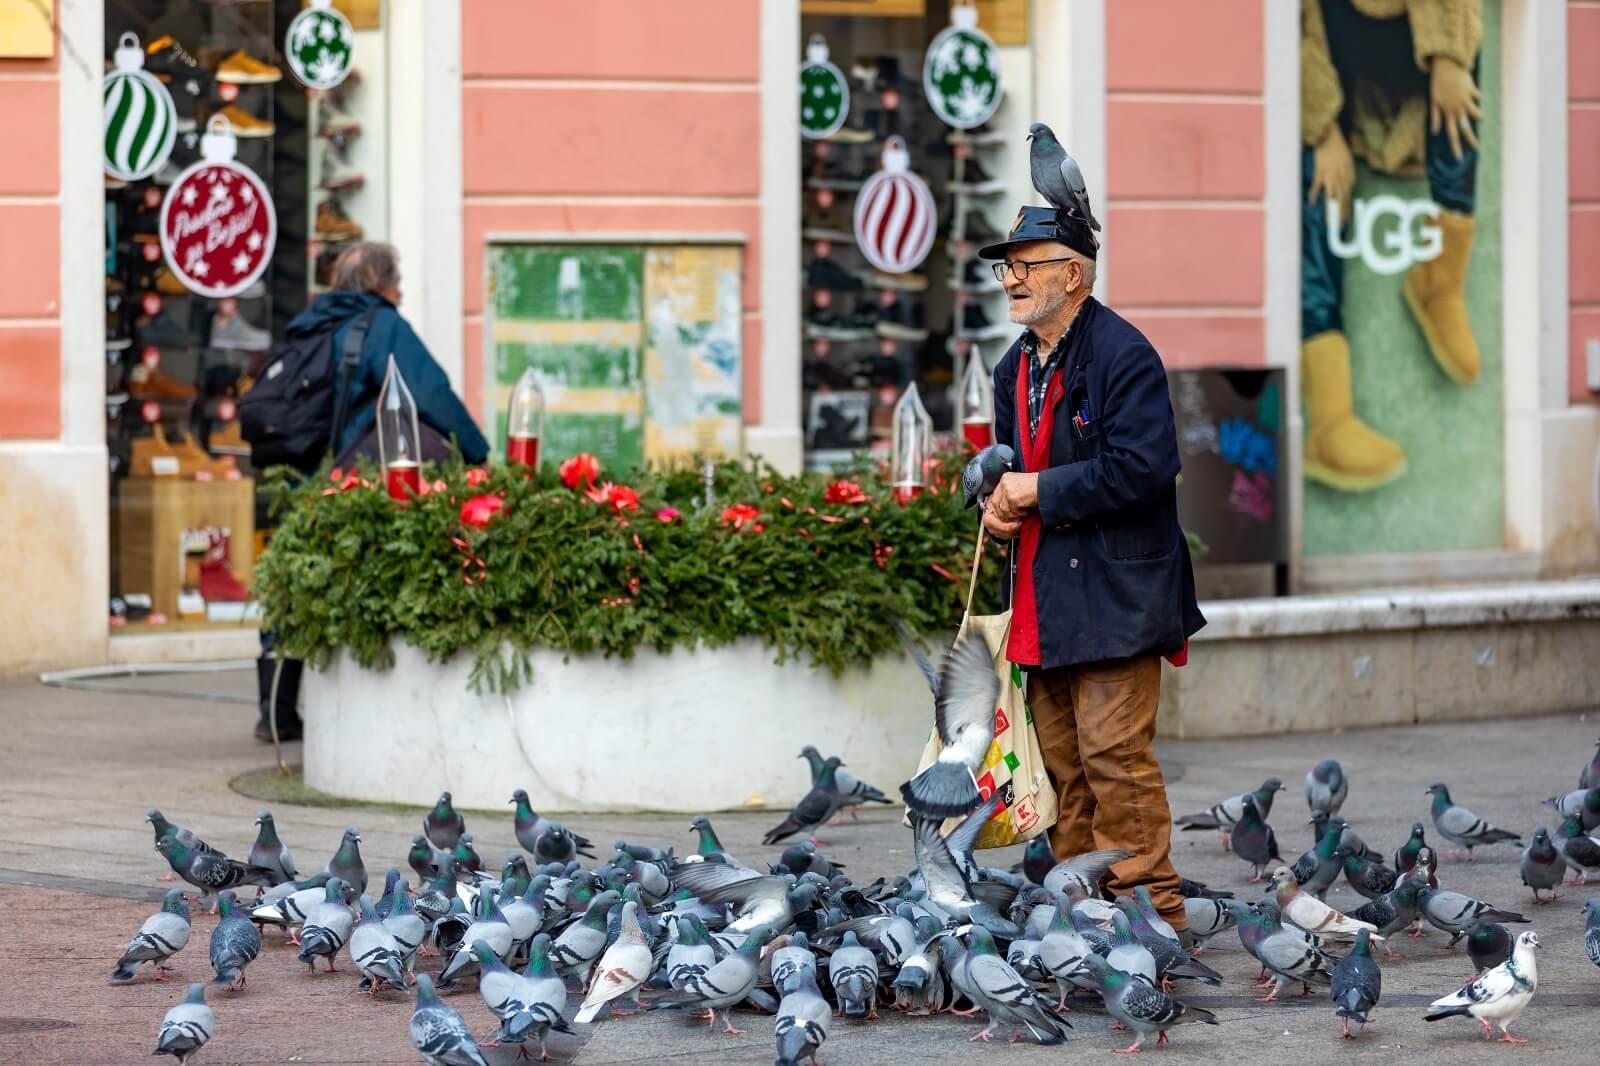 Dobri duh Pule: Popularni umirovljenik opet oduševio fotogeničnim hranjenjem golubova